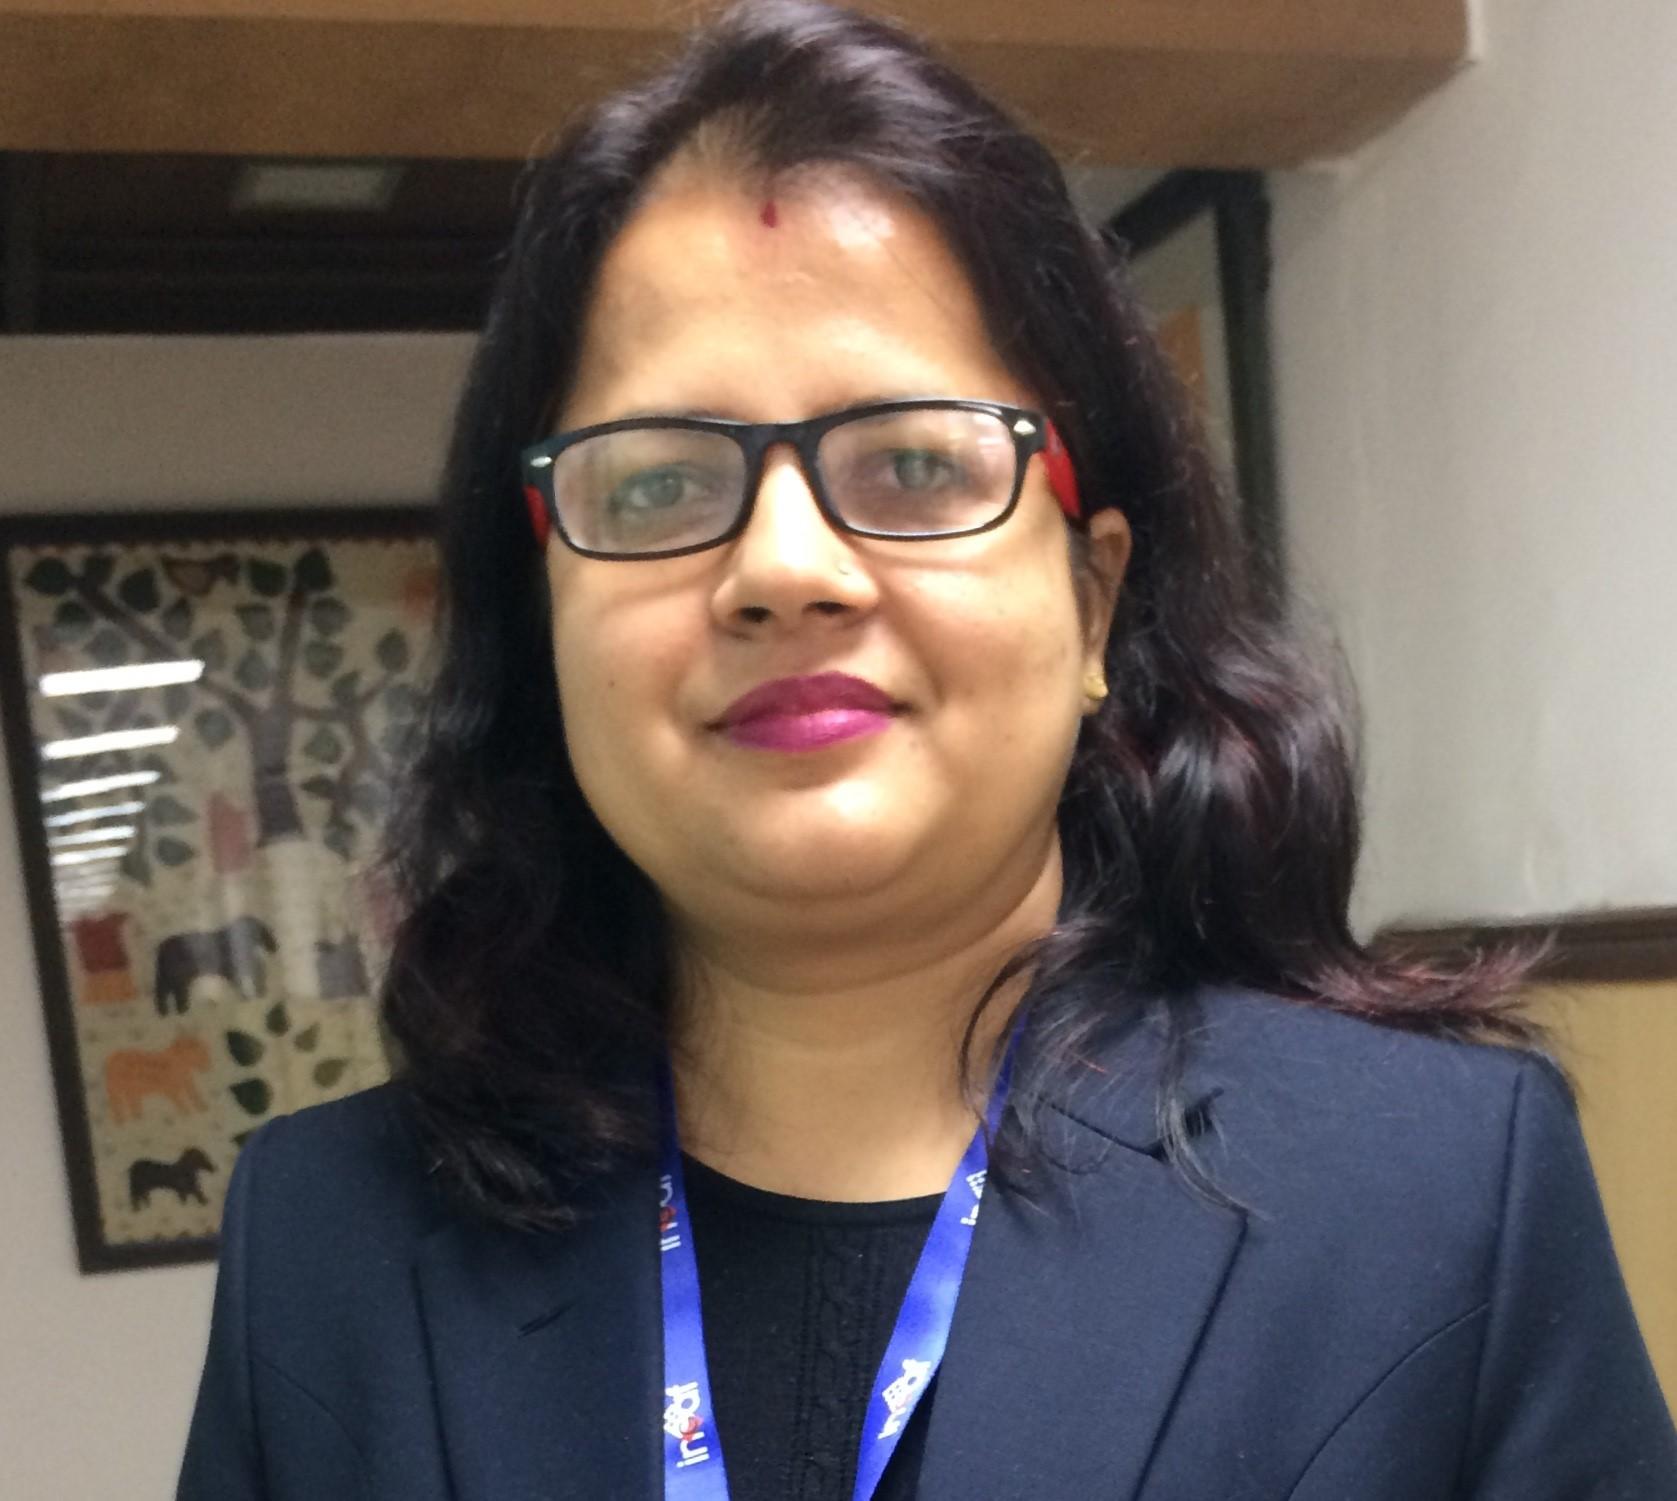 Bidhya Adhikari